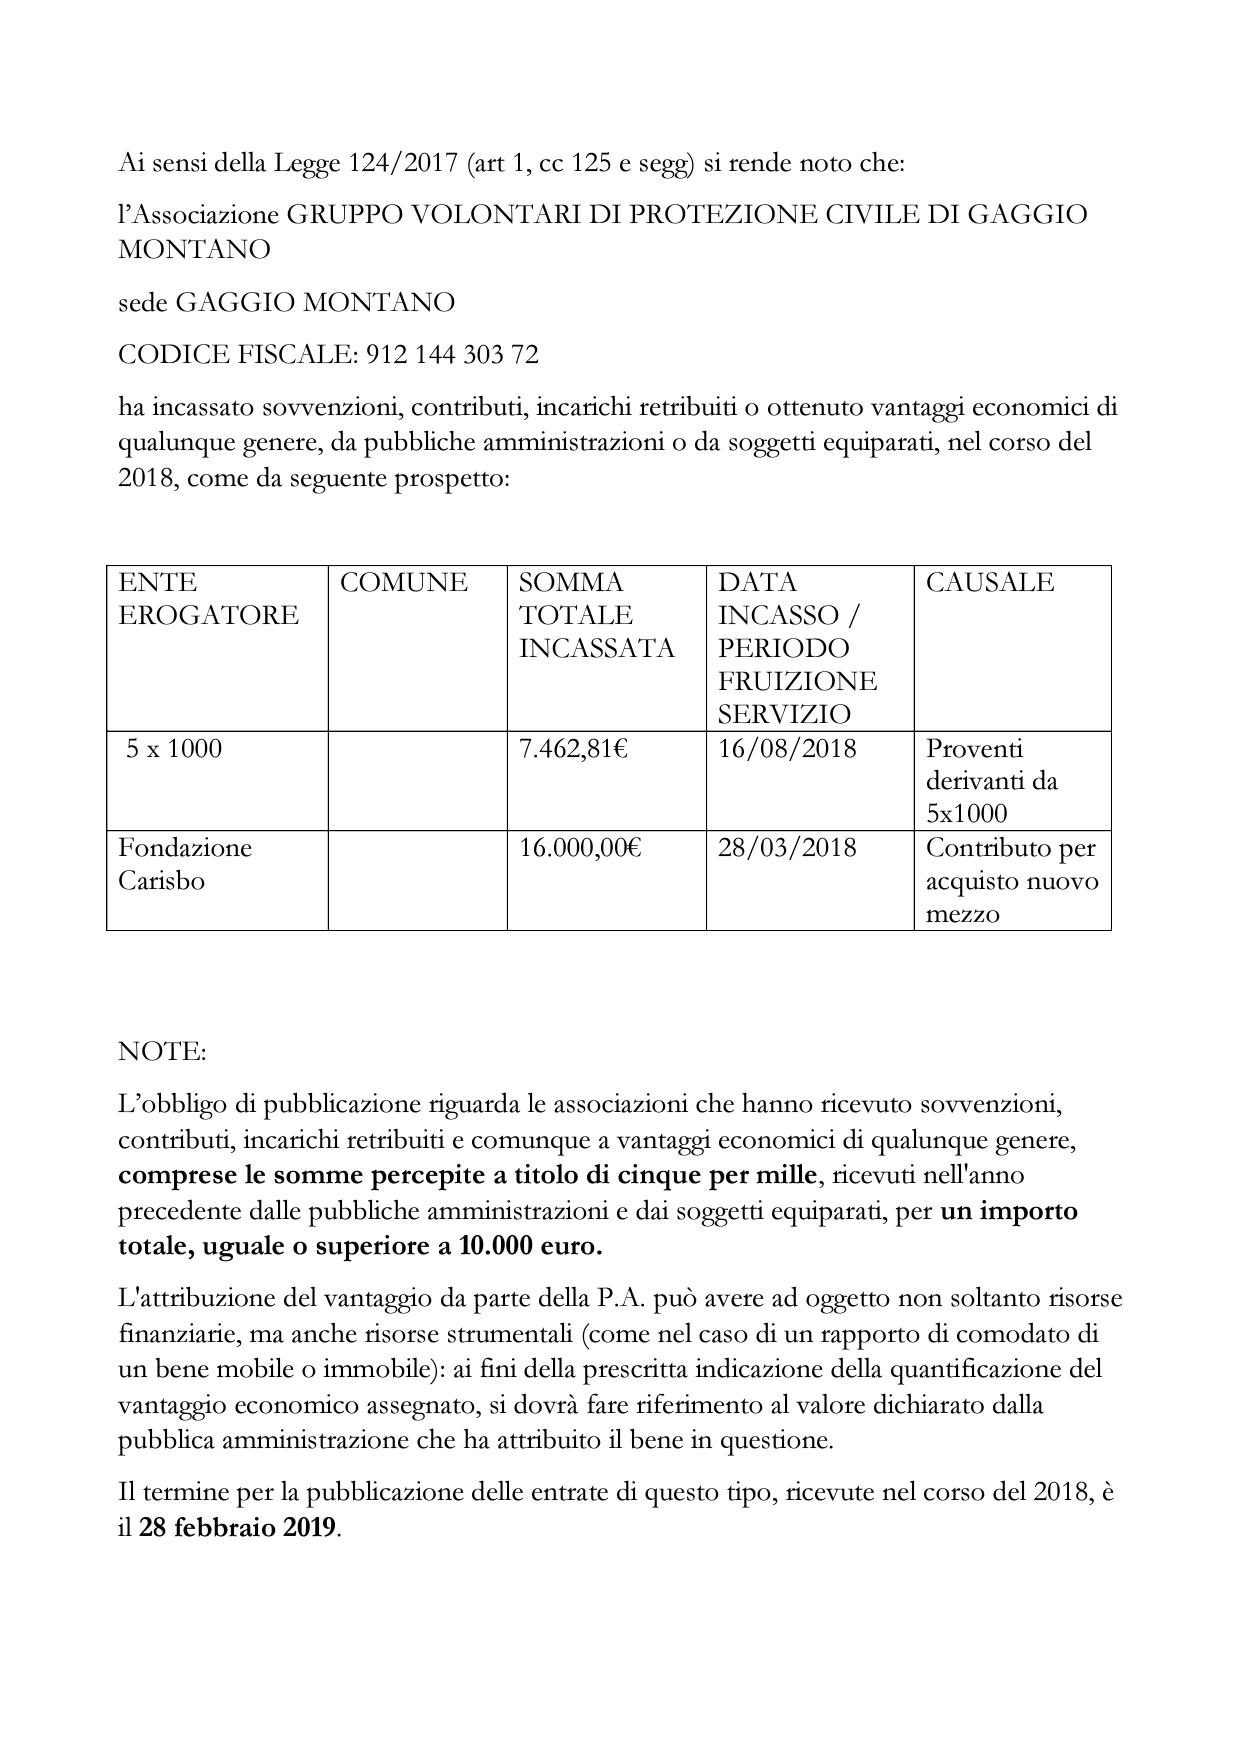 comunicazione-legge-124_2017-1